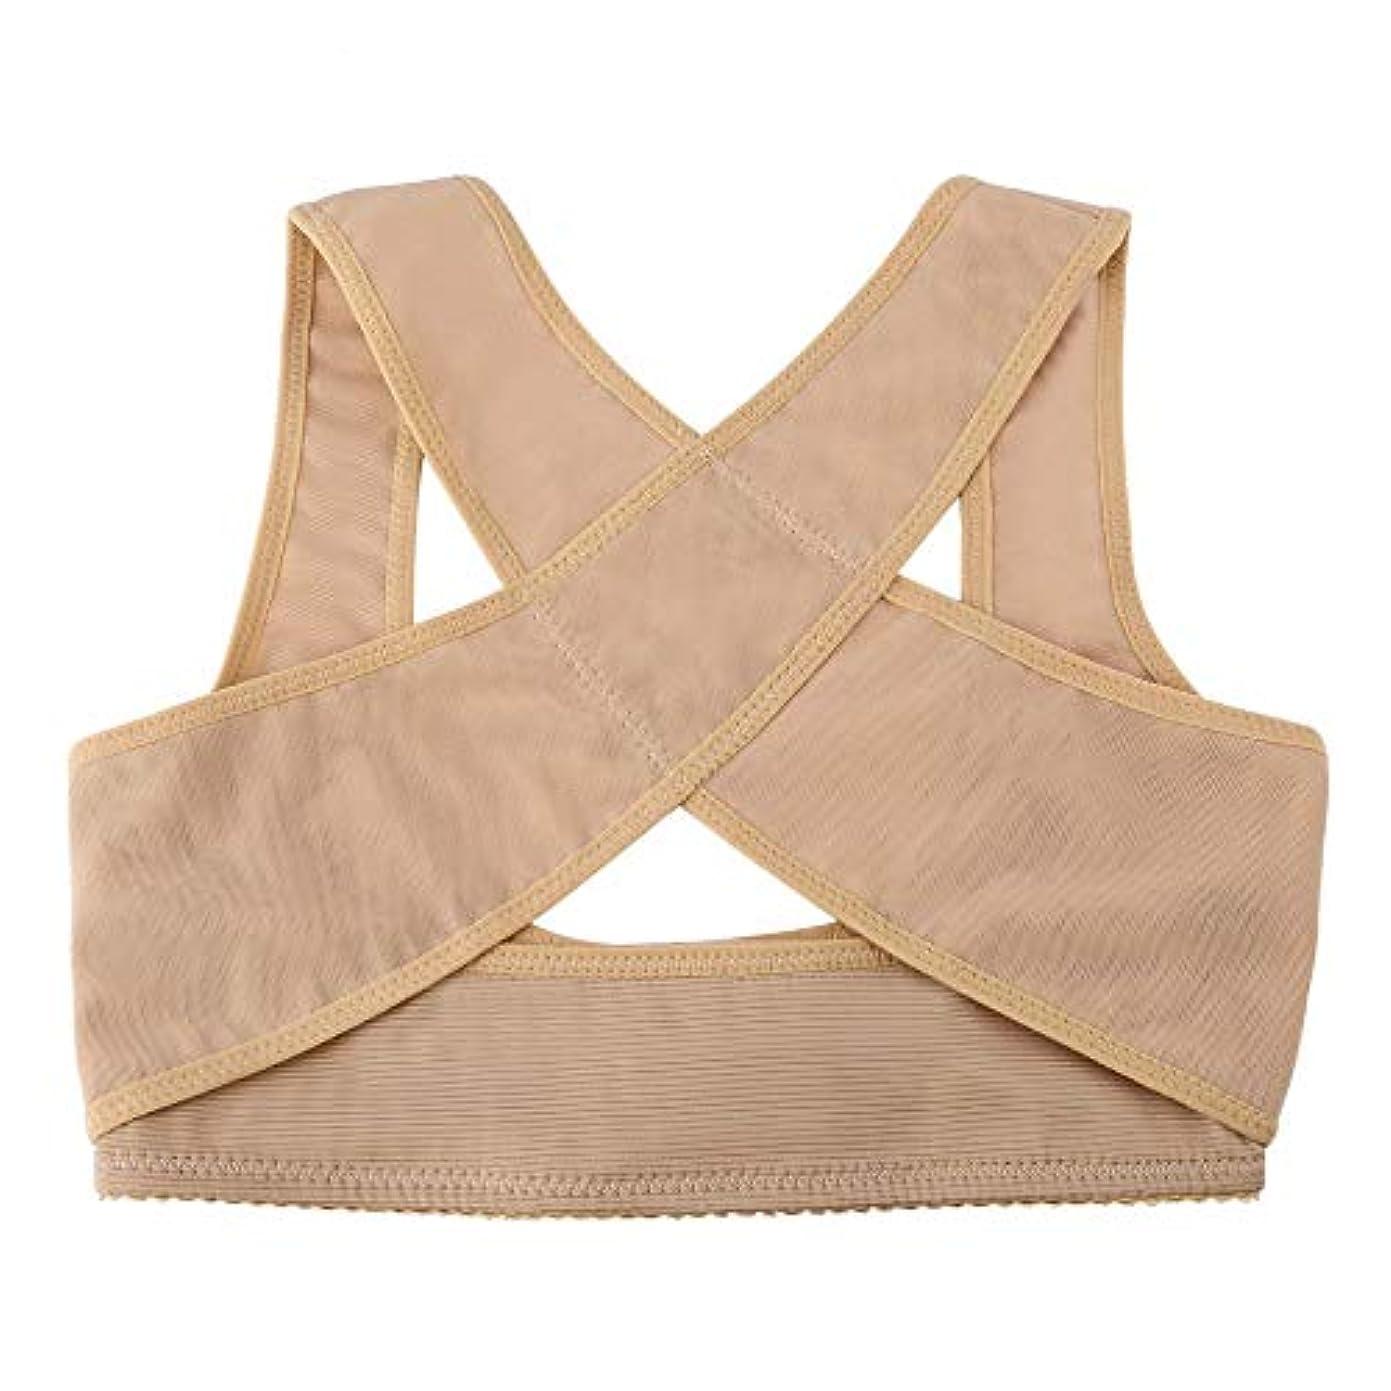 資料キネマティクス不適切な調節可能な伸縮性がある背部女性ベルトサポート姿勢補正装置支柱サポート姿勢肩補正装置ヘルスケア